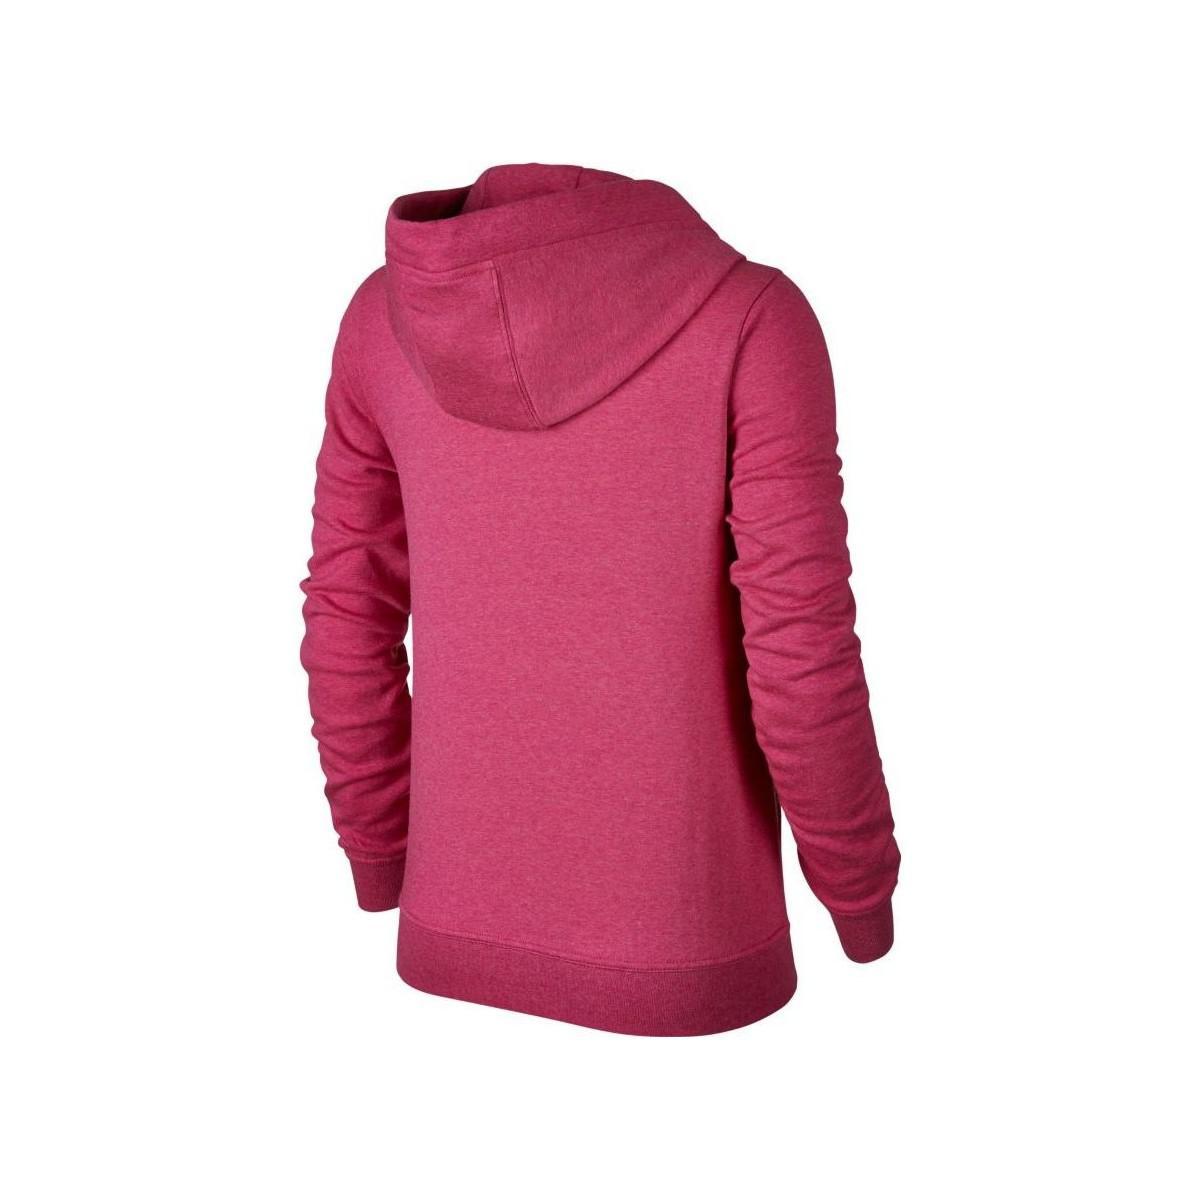 4df7a832aa8f Nike - Woman Sportswear Hoodie Women s Sweatshirt In Pink - Lyst. View  fullscreen